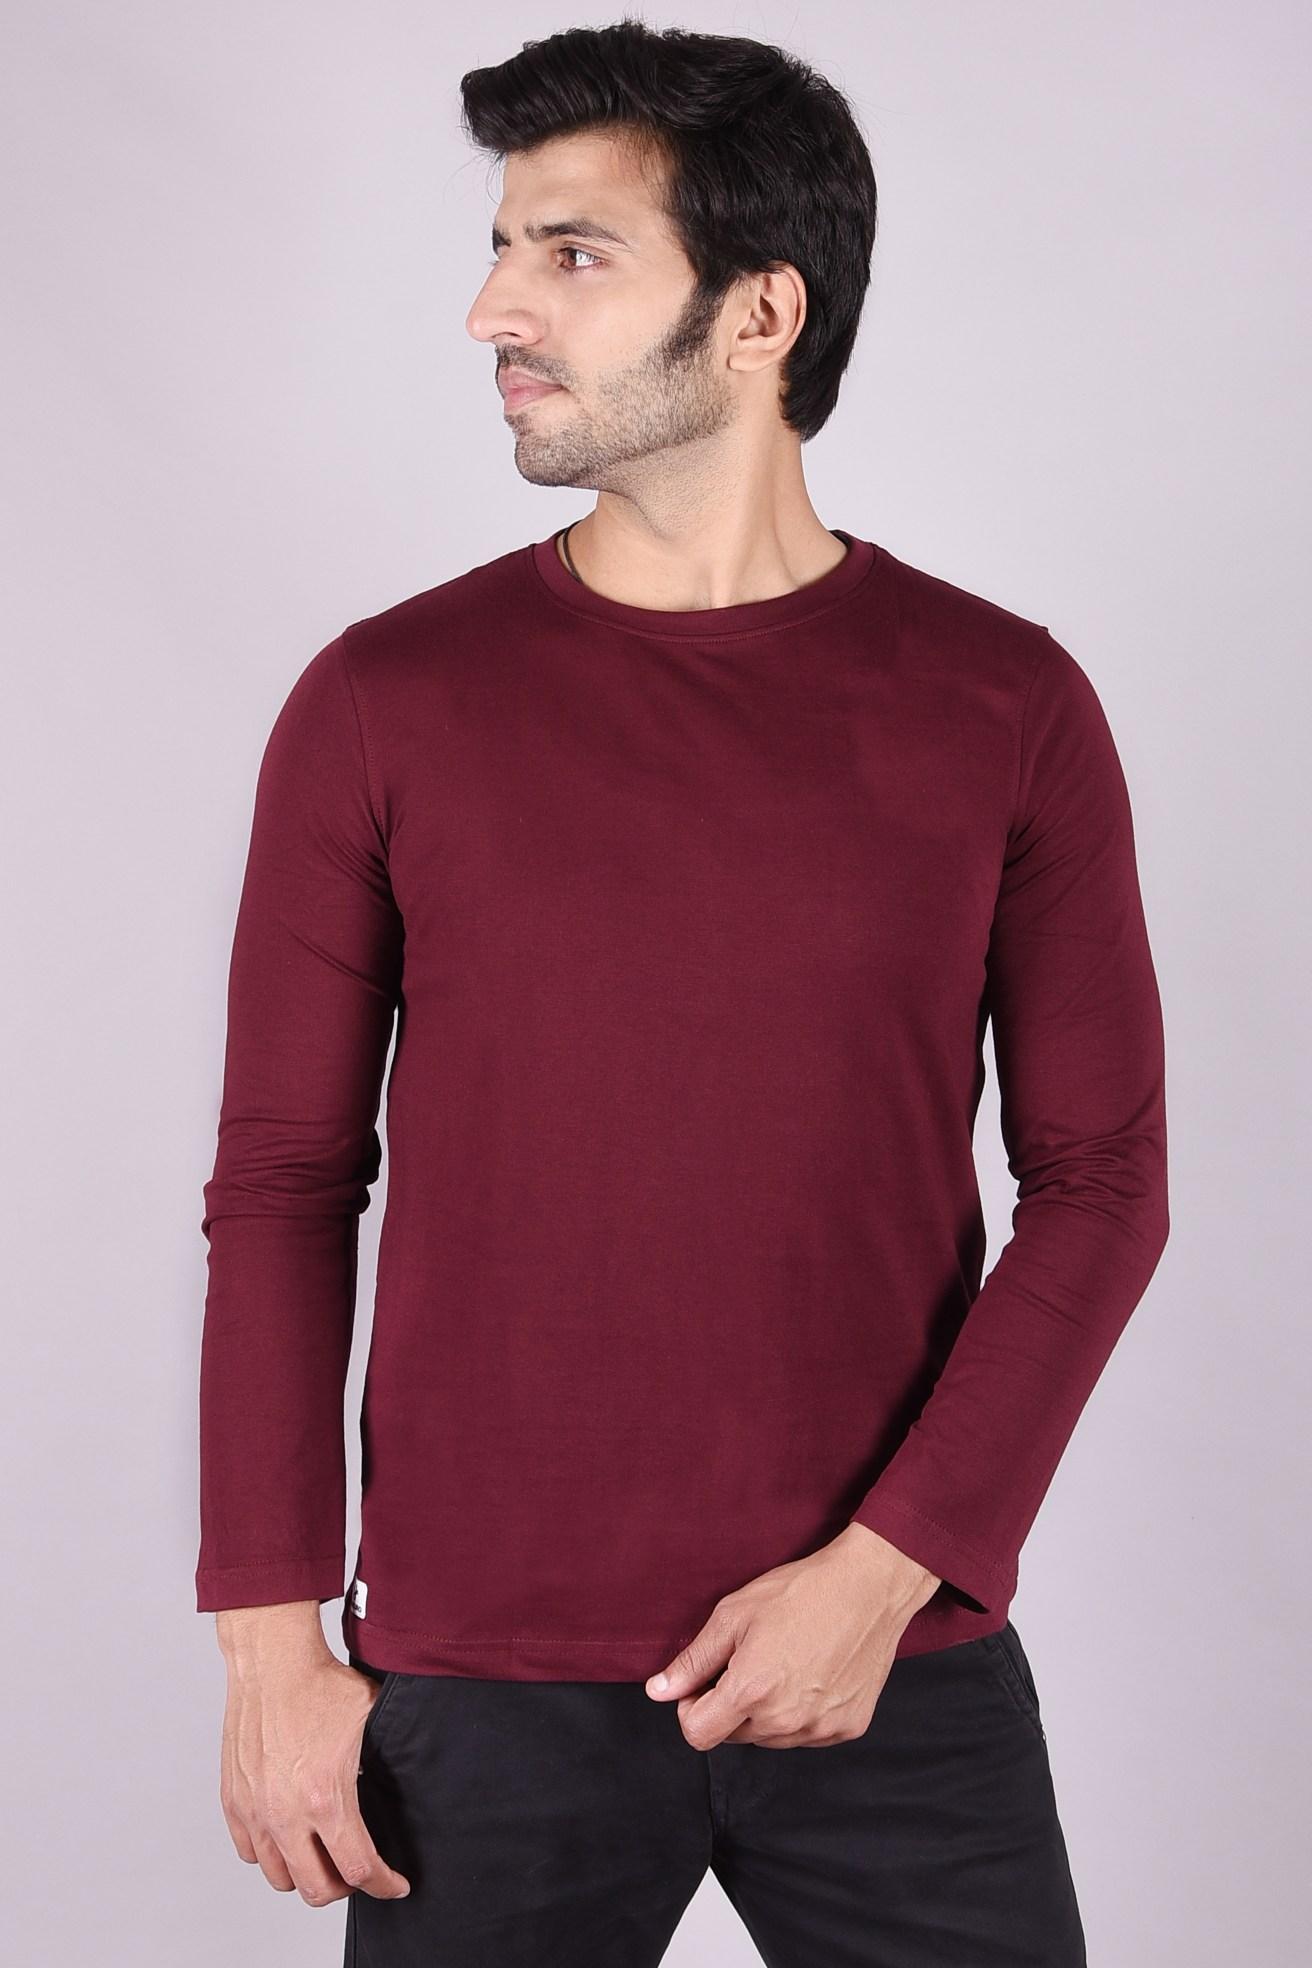 JAGURO | Stylish full Sleeves cotton T-shirt.